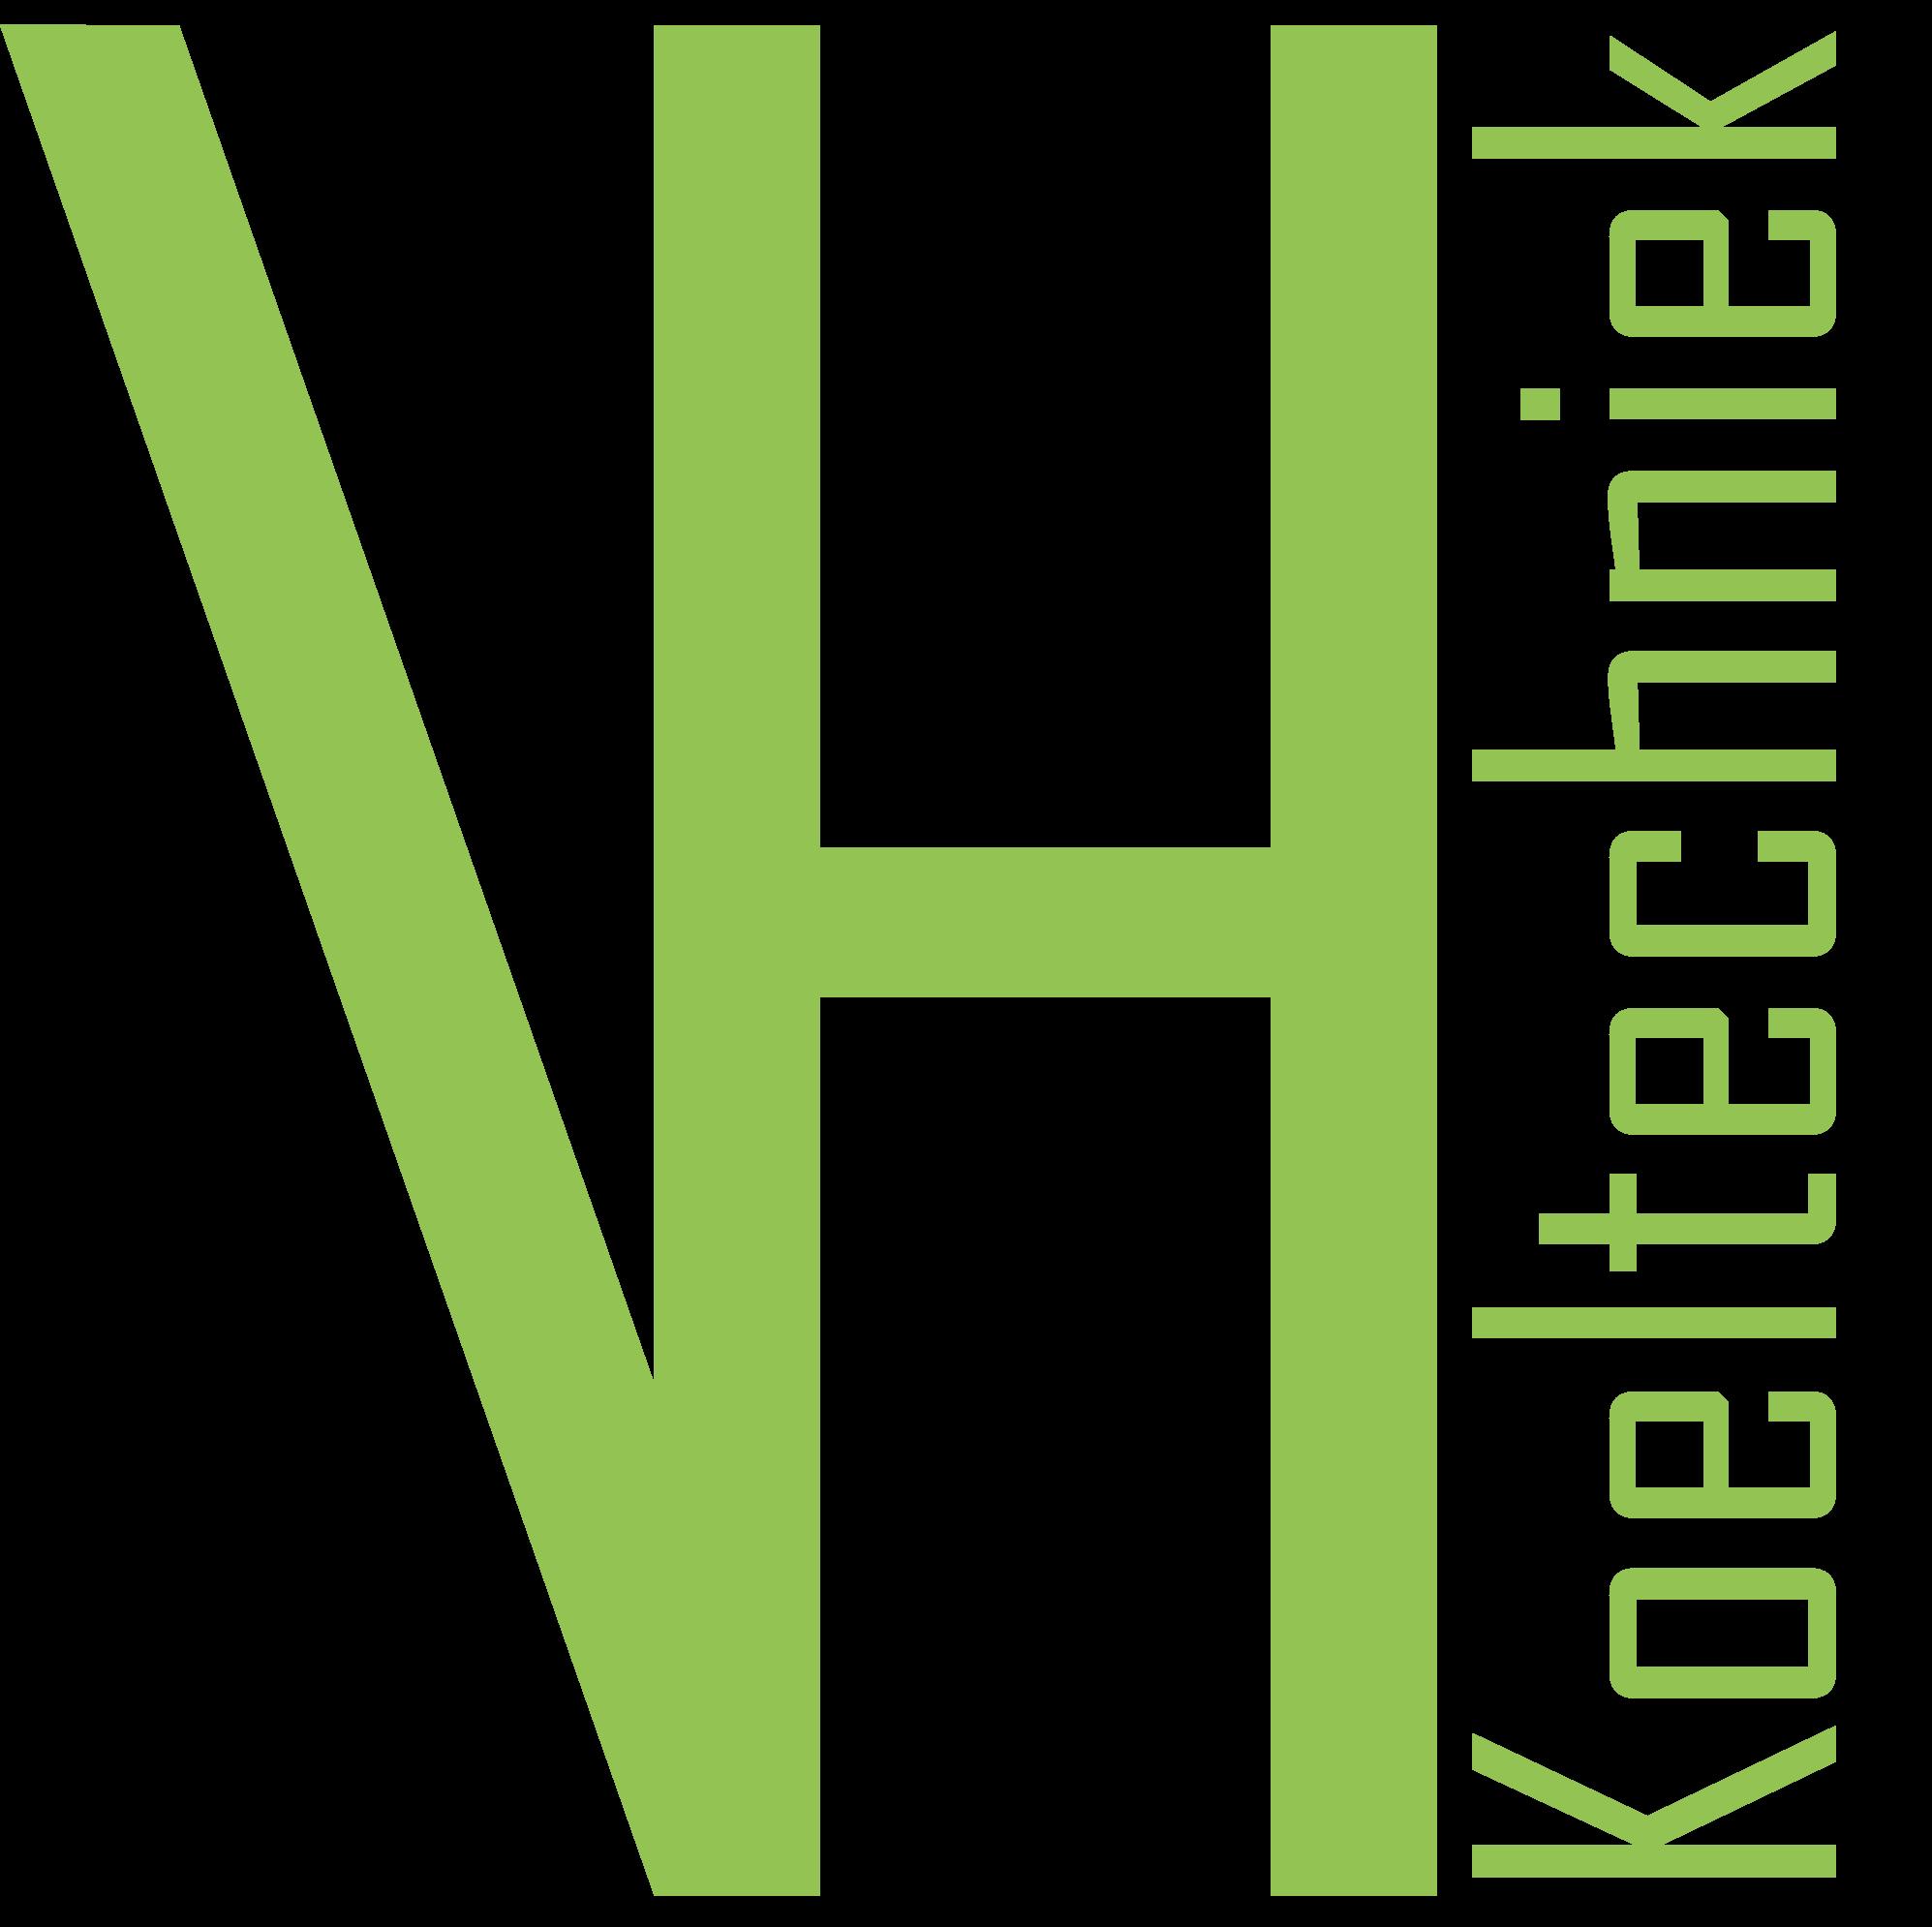 VH-Koeltechniek